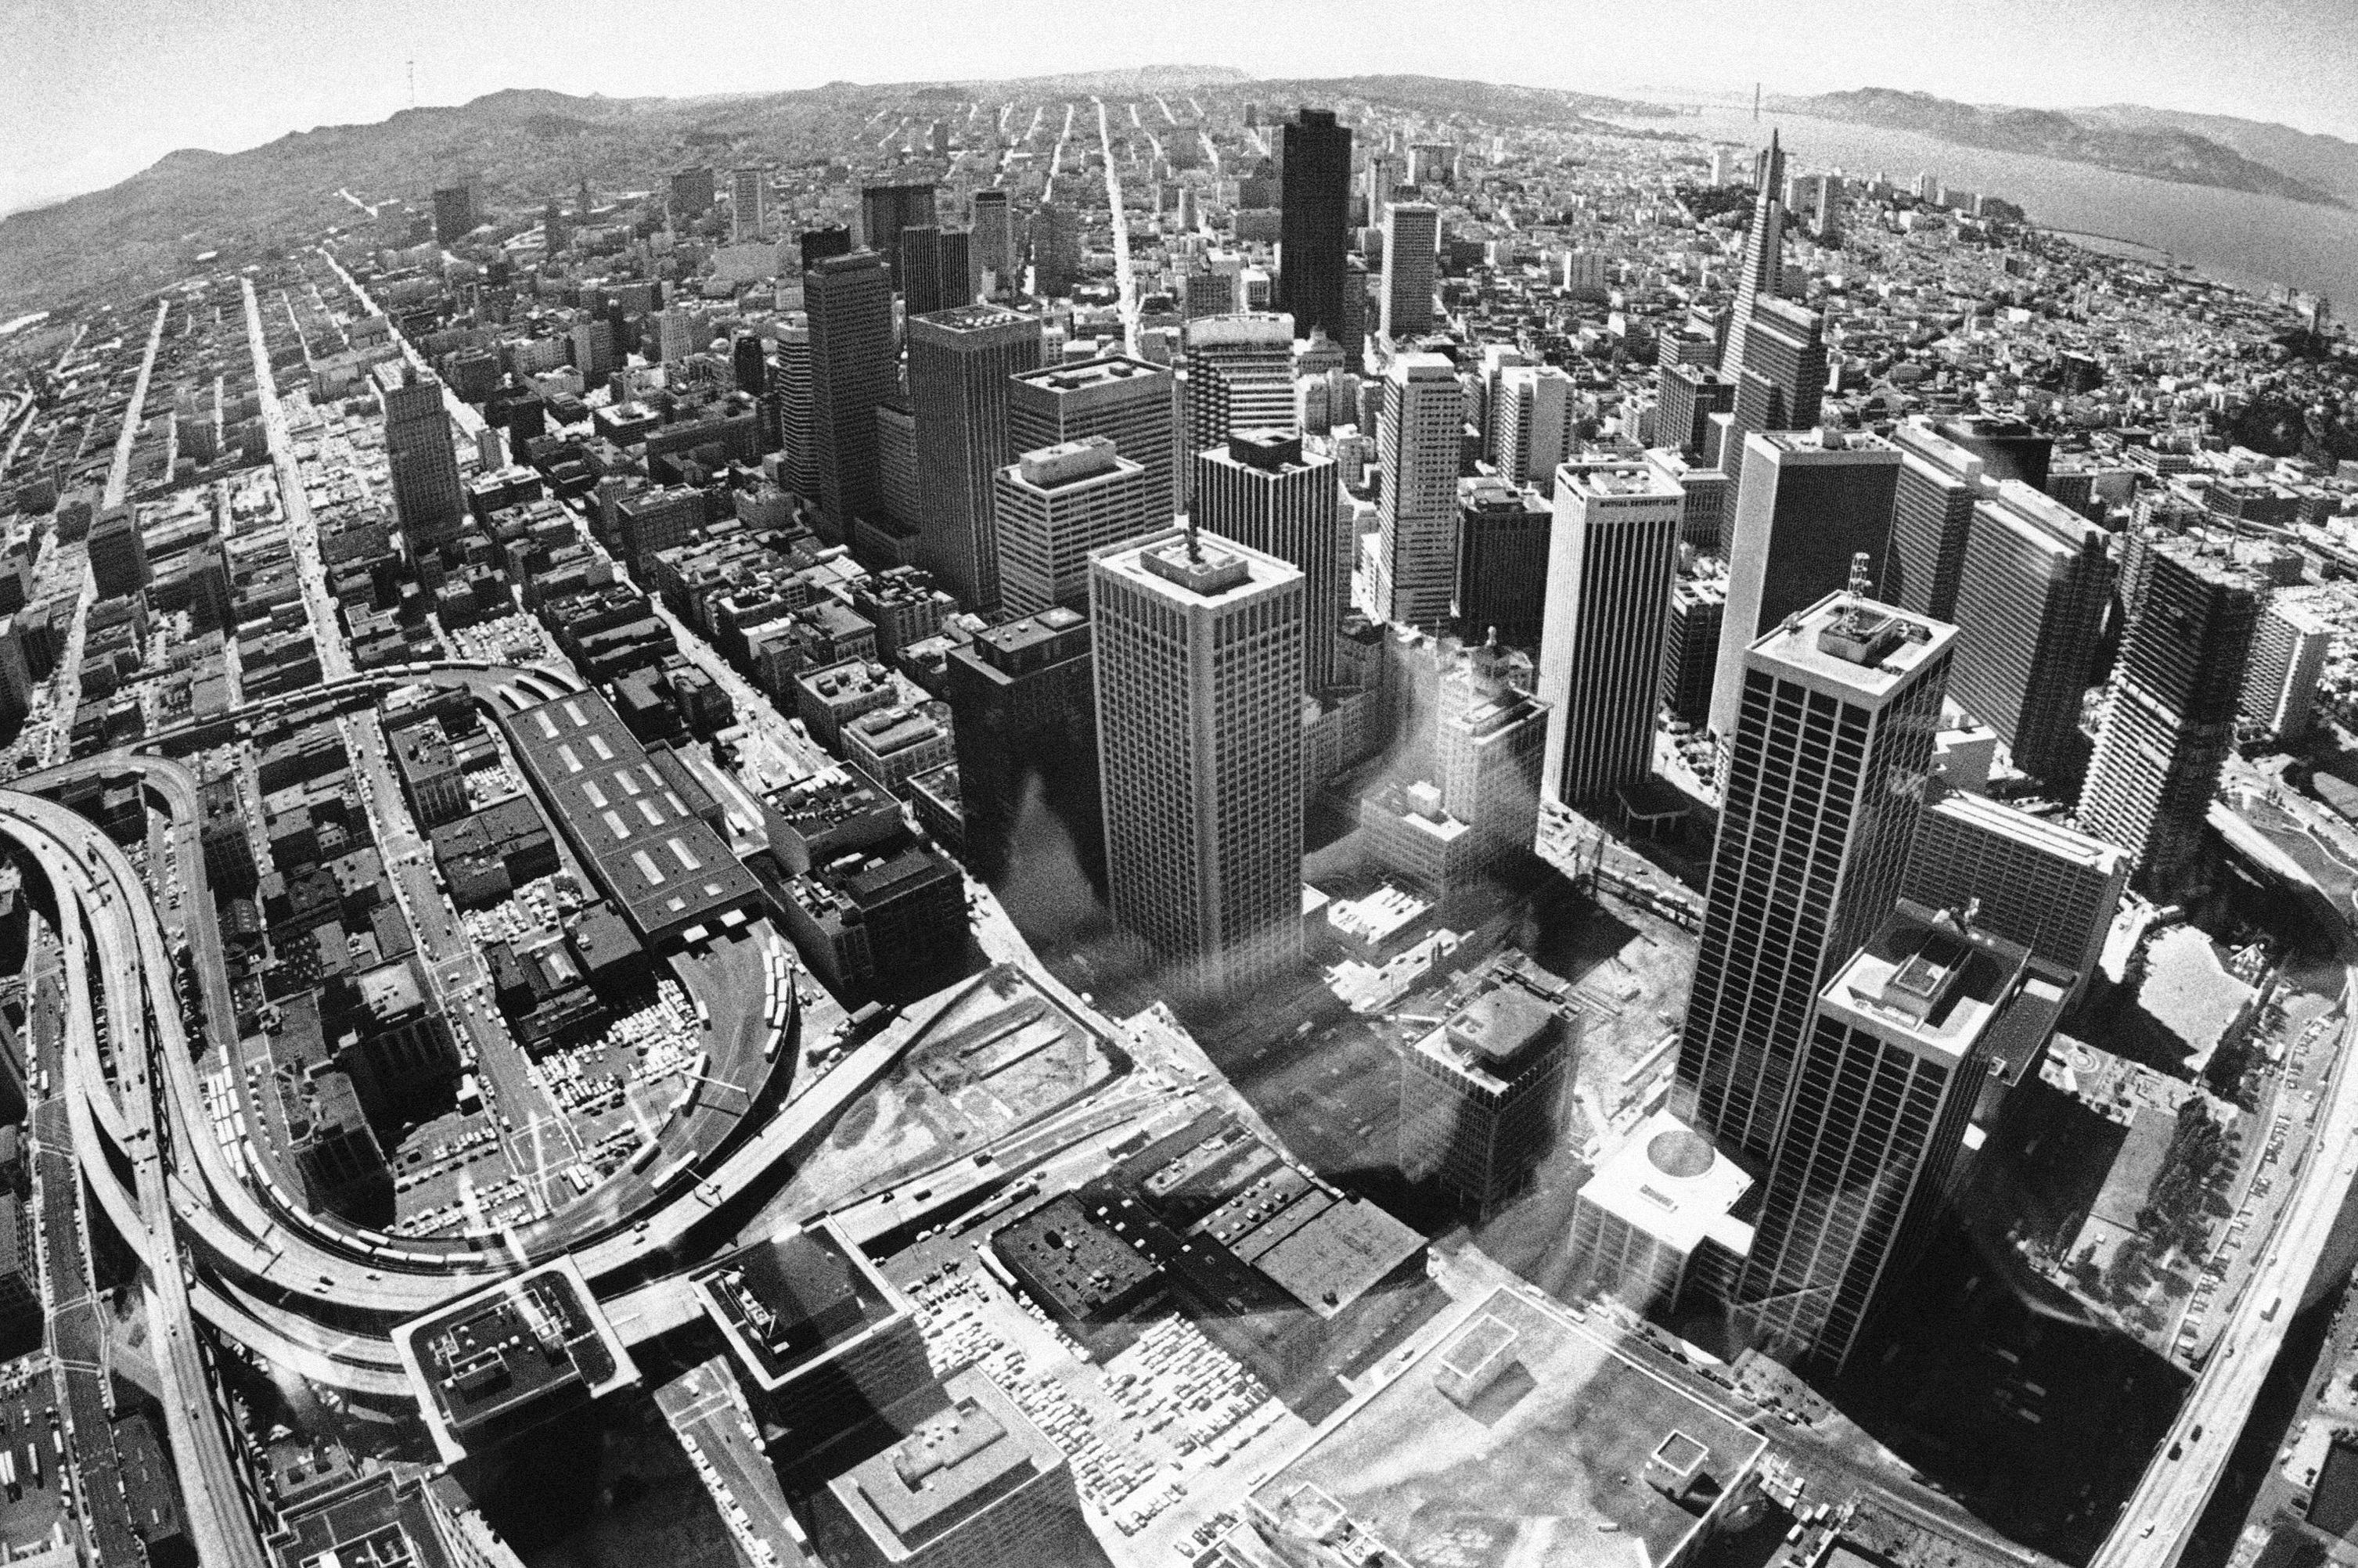 San Francisco in 1980